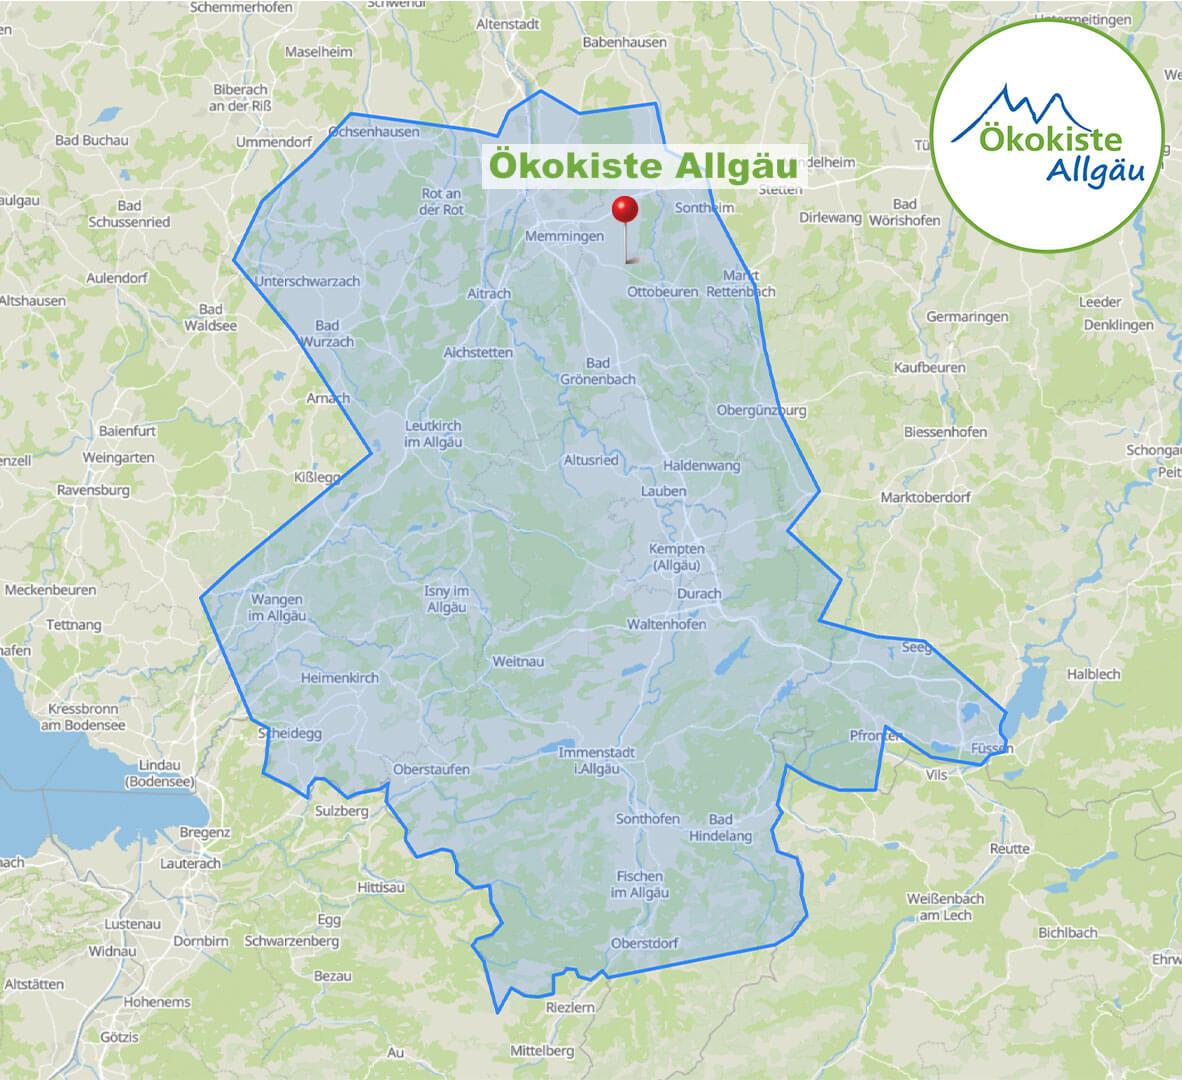 Liefergebiet Ökokiste Allgäu April 2021